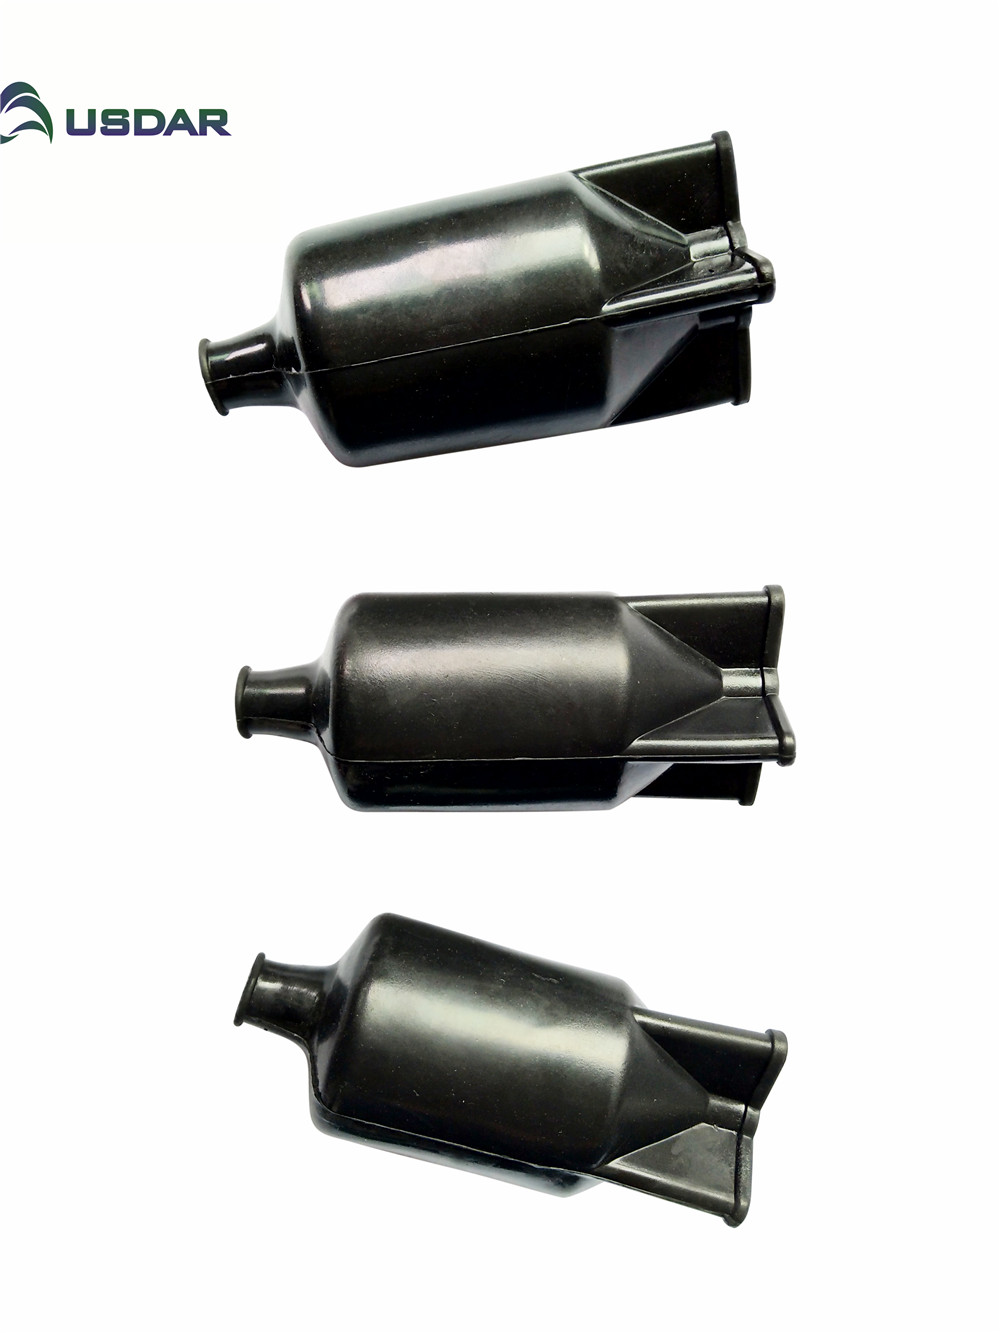 Automotive Door Rubber Cable Wire Harness Grommet Buy Grommets